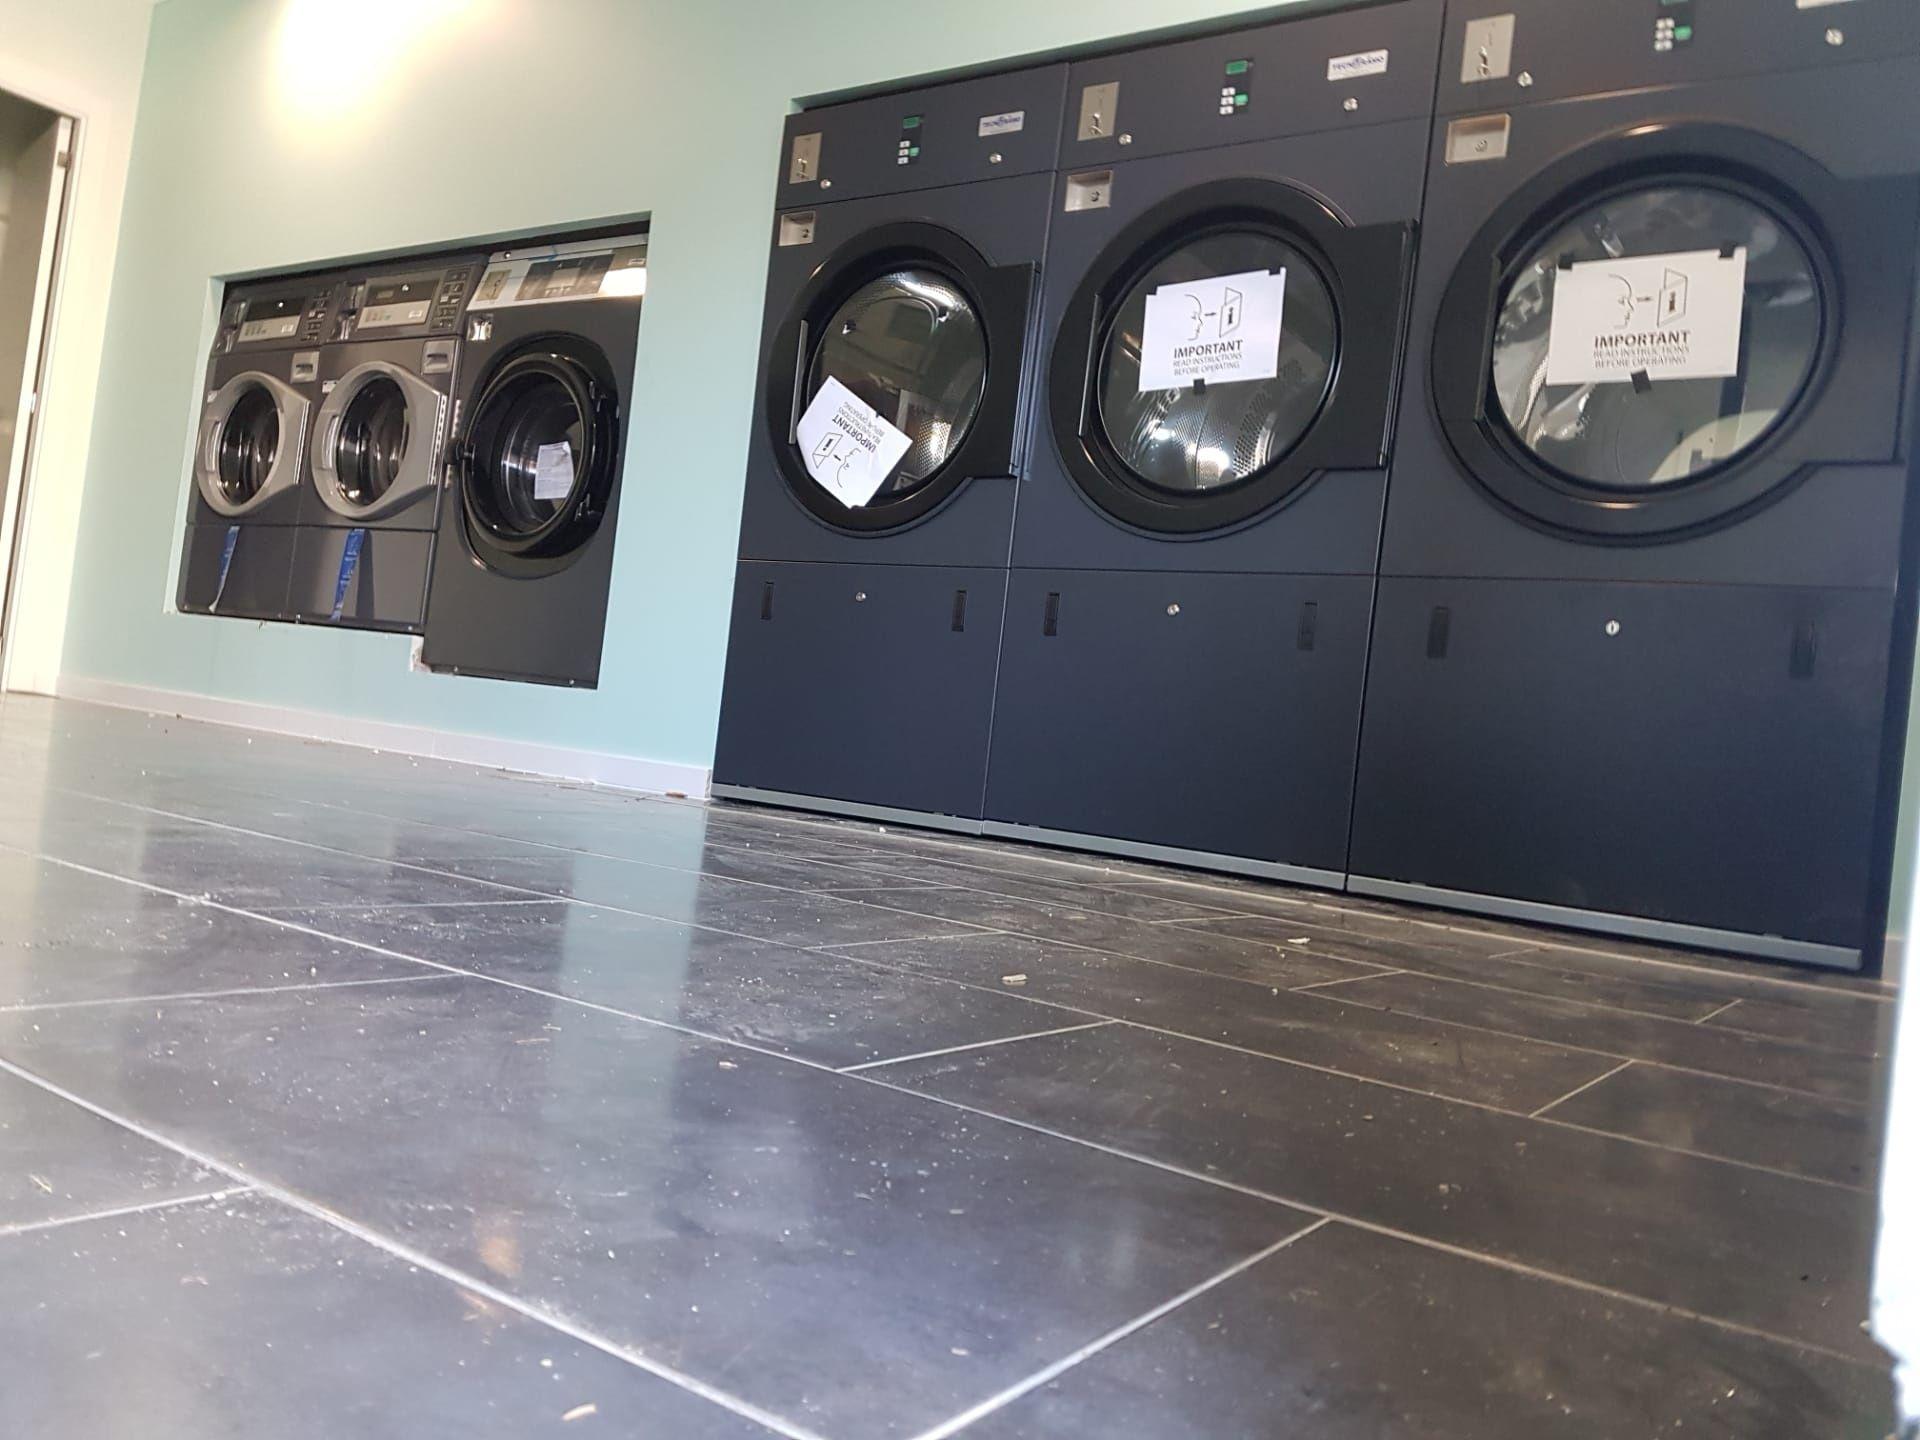 Self-service lavandaria renting